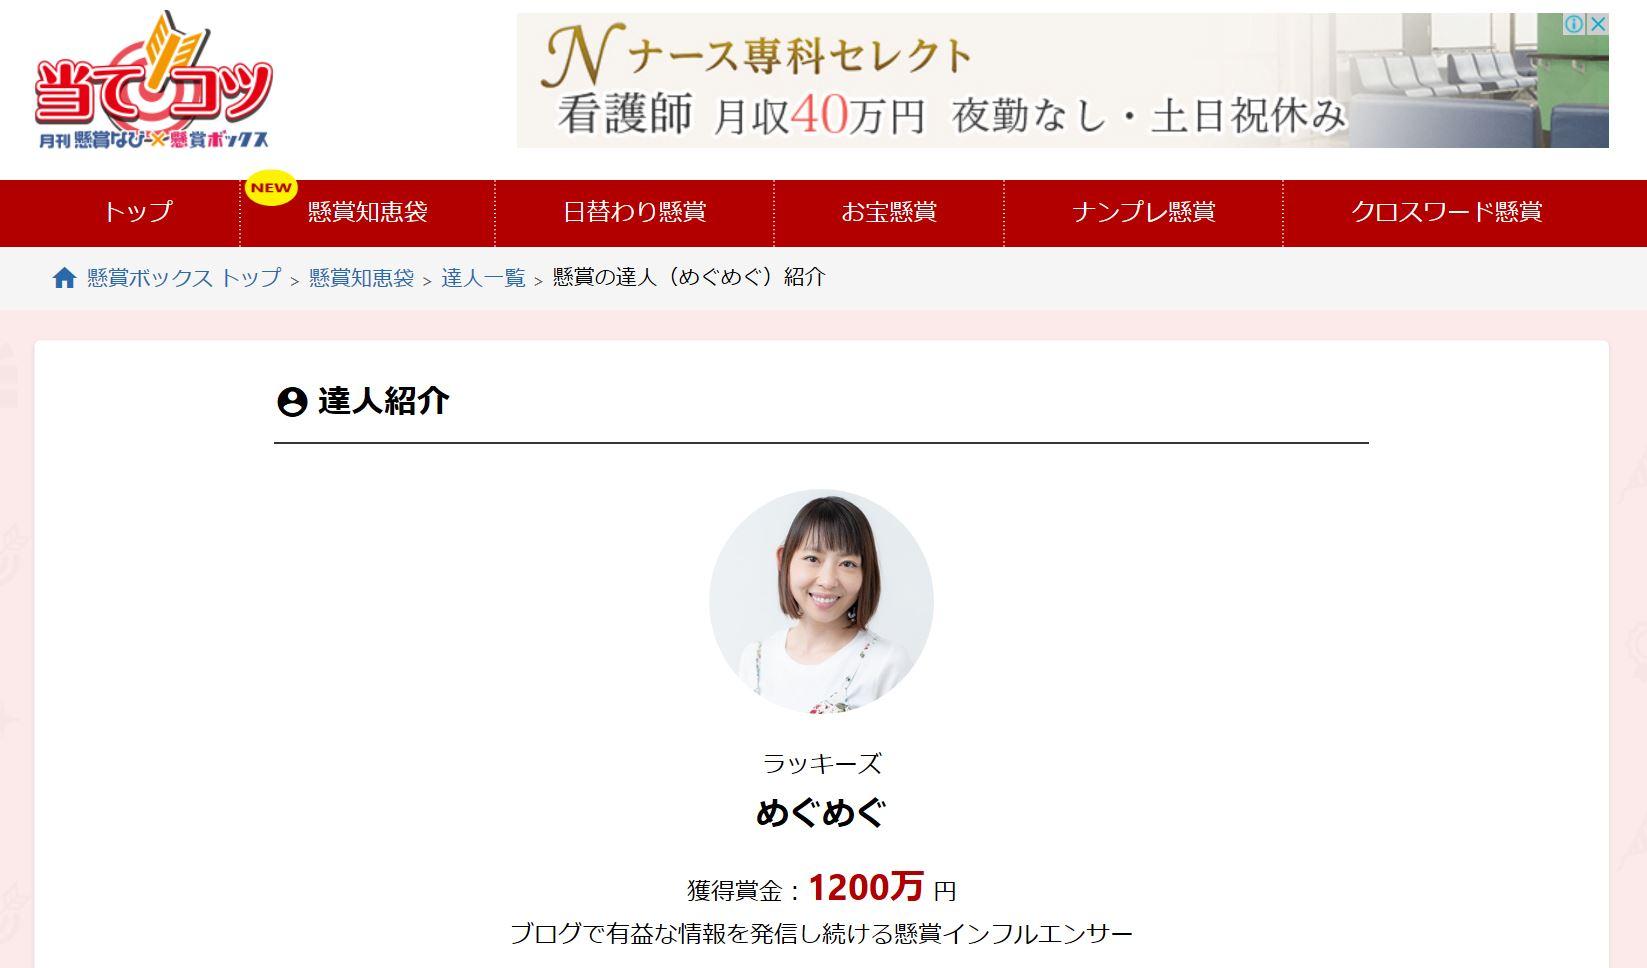 懸賞知恵袋 回答者紹介ページ